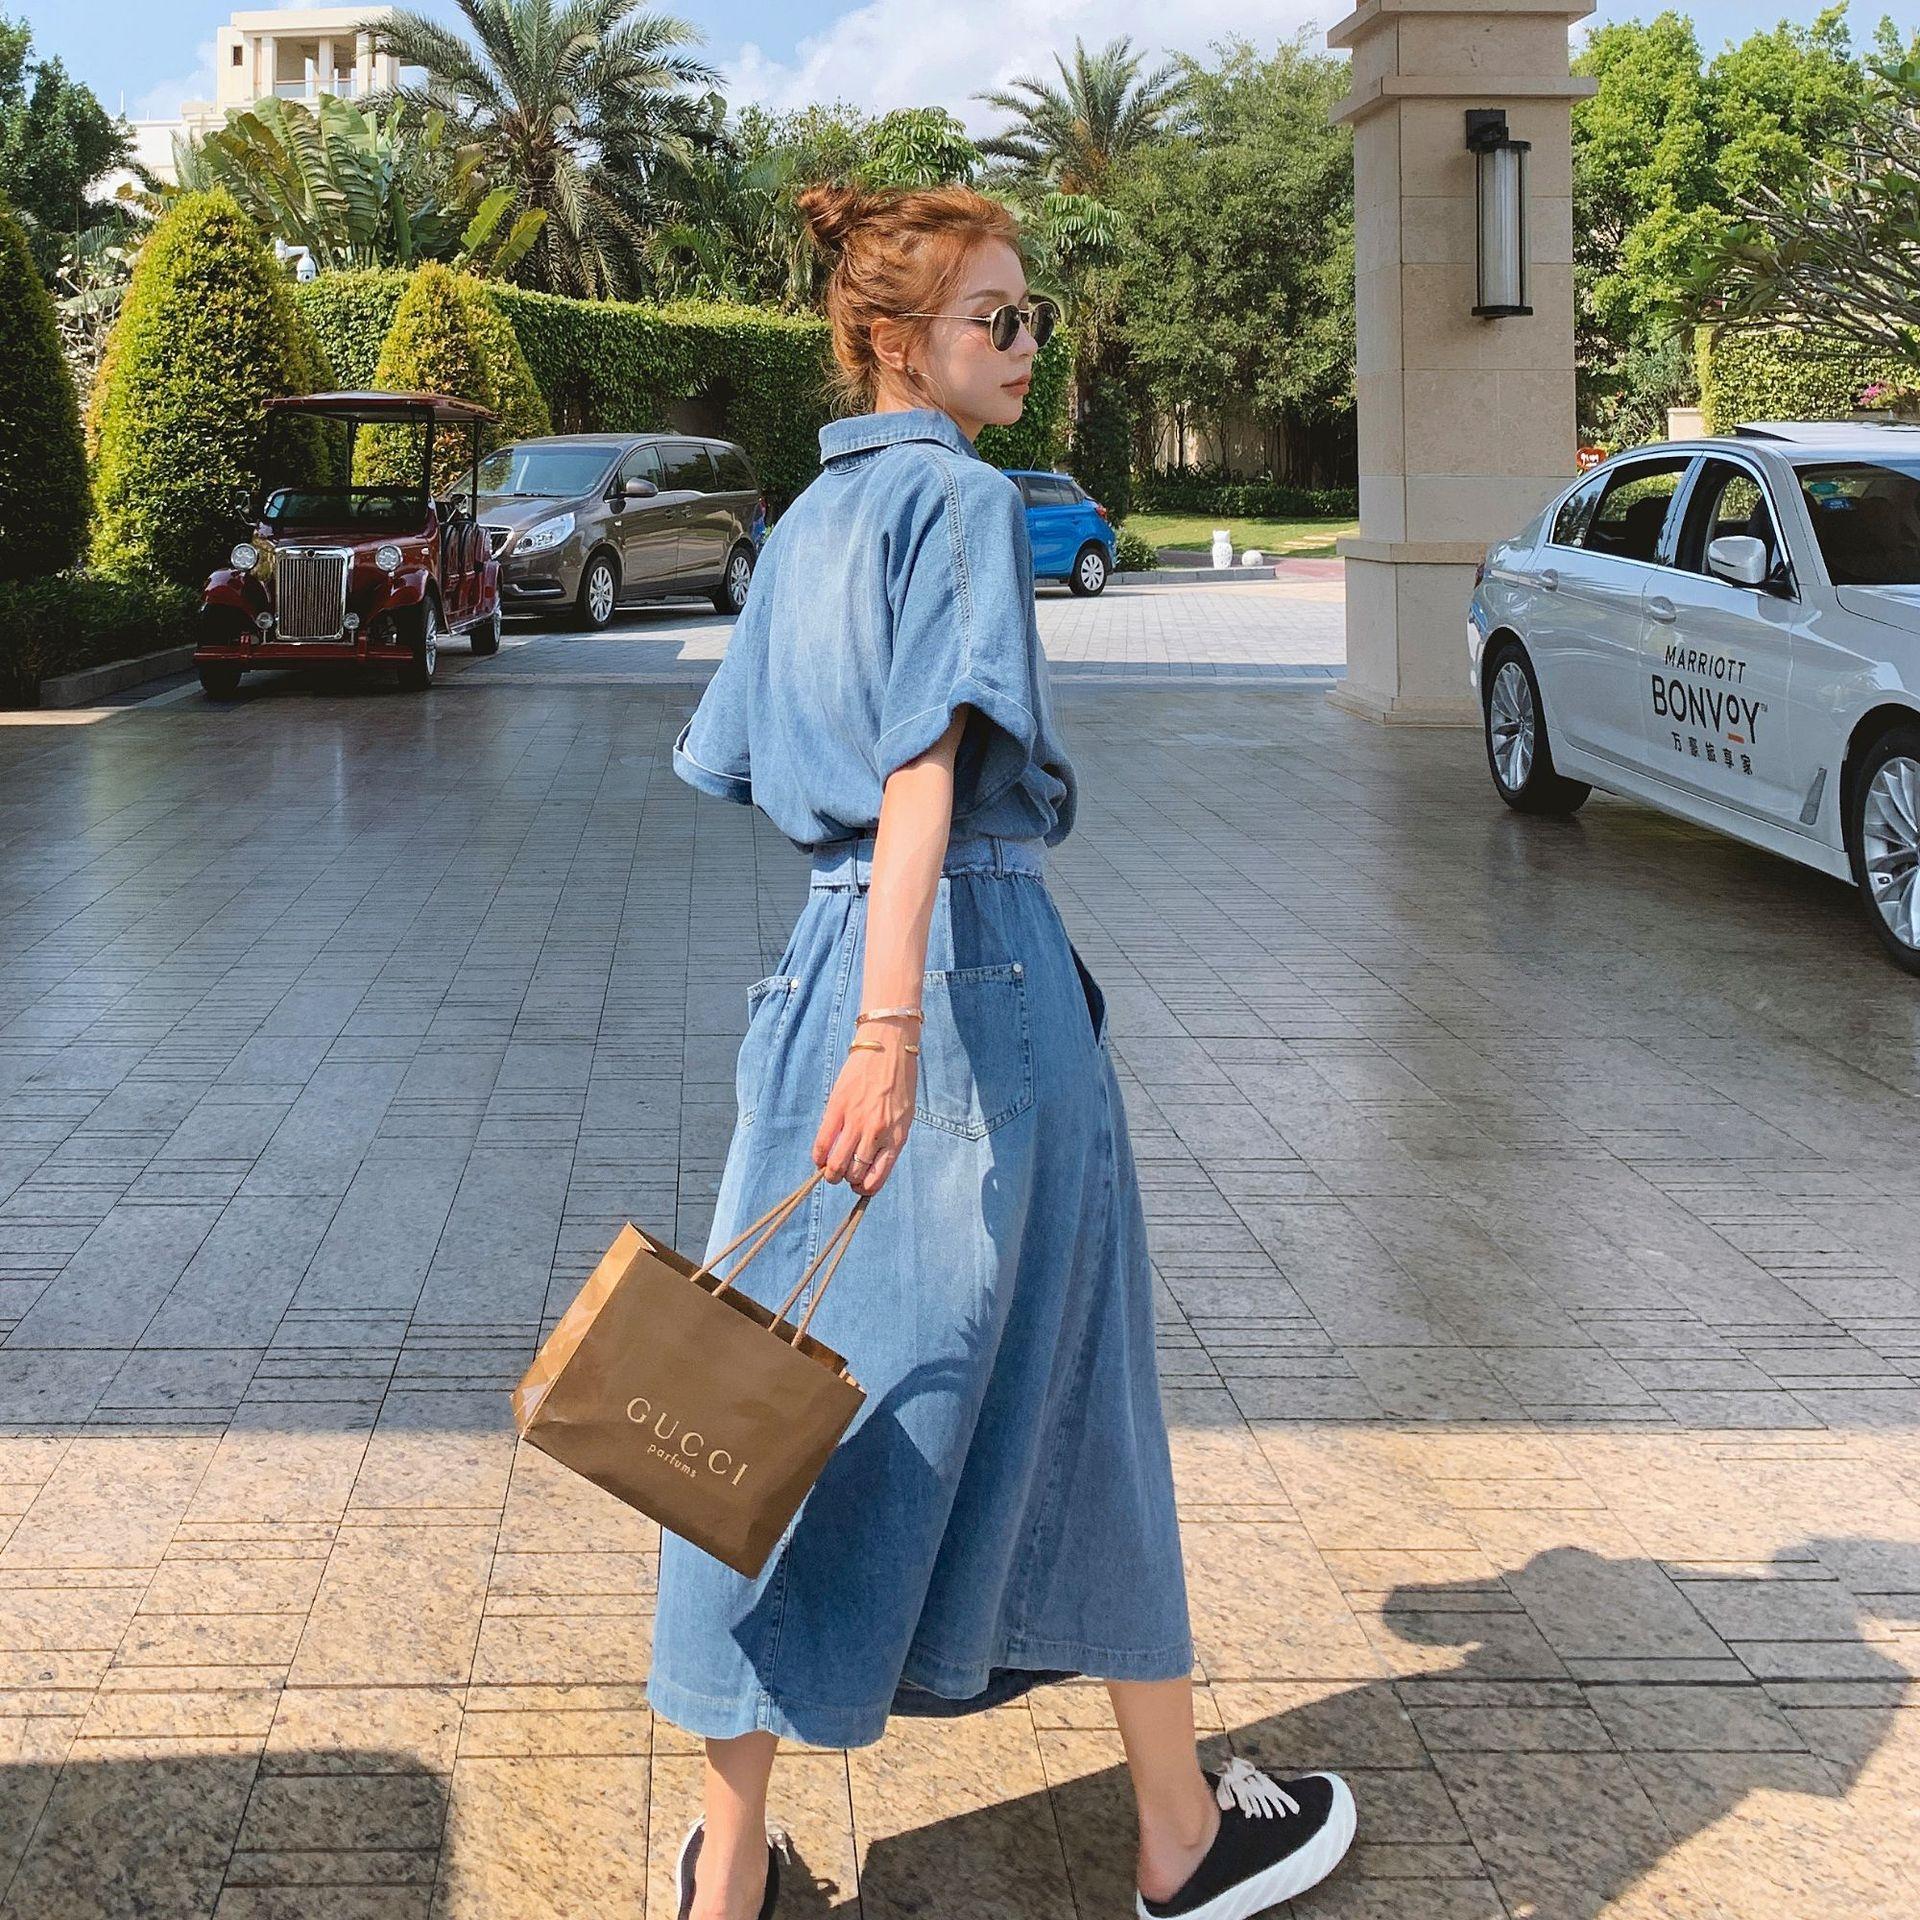 StoUd Kadın Orta uzunlukta etek 2020 Yaz yeni Kore tarzı gevşek Uzun kot elbise bel aşırı diz zayıflama Fransız kot etek IyyWo